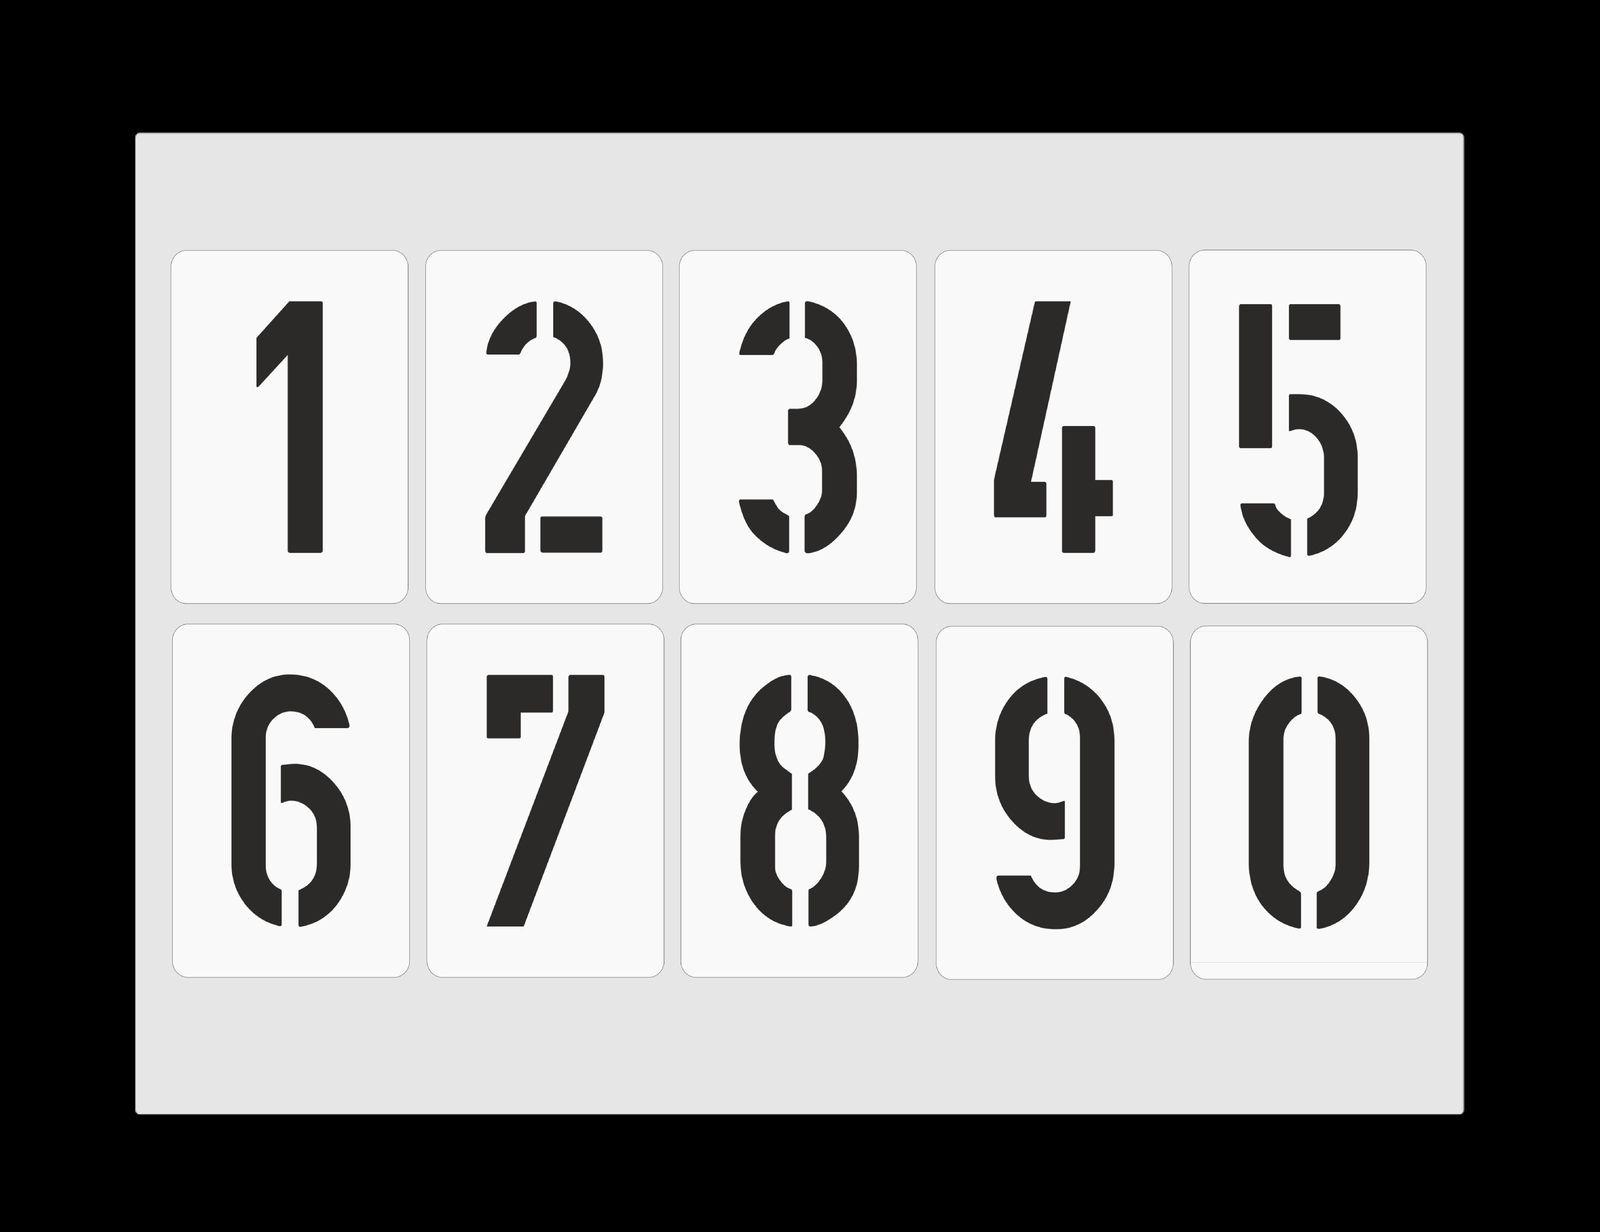 Details Zu Zahlenschablone Nr. 35 ○ Einzelne Zahlen 10Cm verwandt mit Zahlenschablonen Zum Ausdrucken Kostenlos